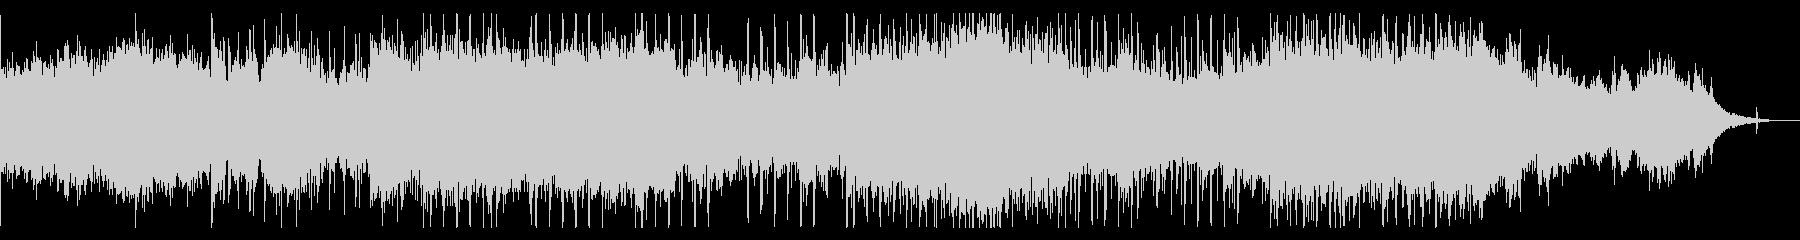 モダンなインダストリアルBGMの未再生の波形